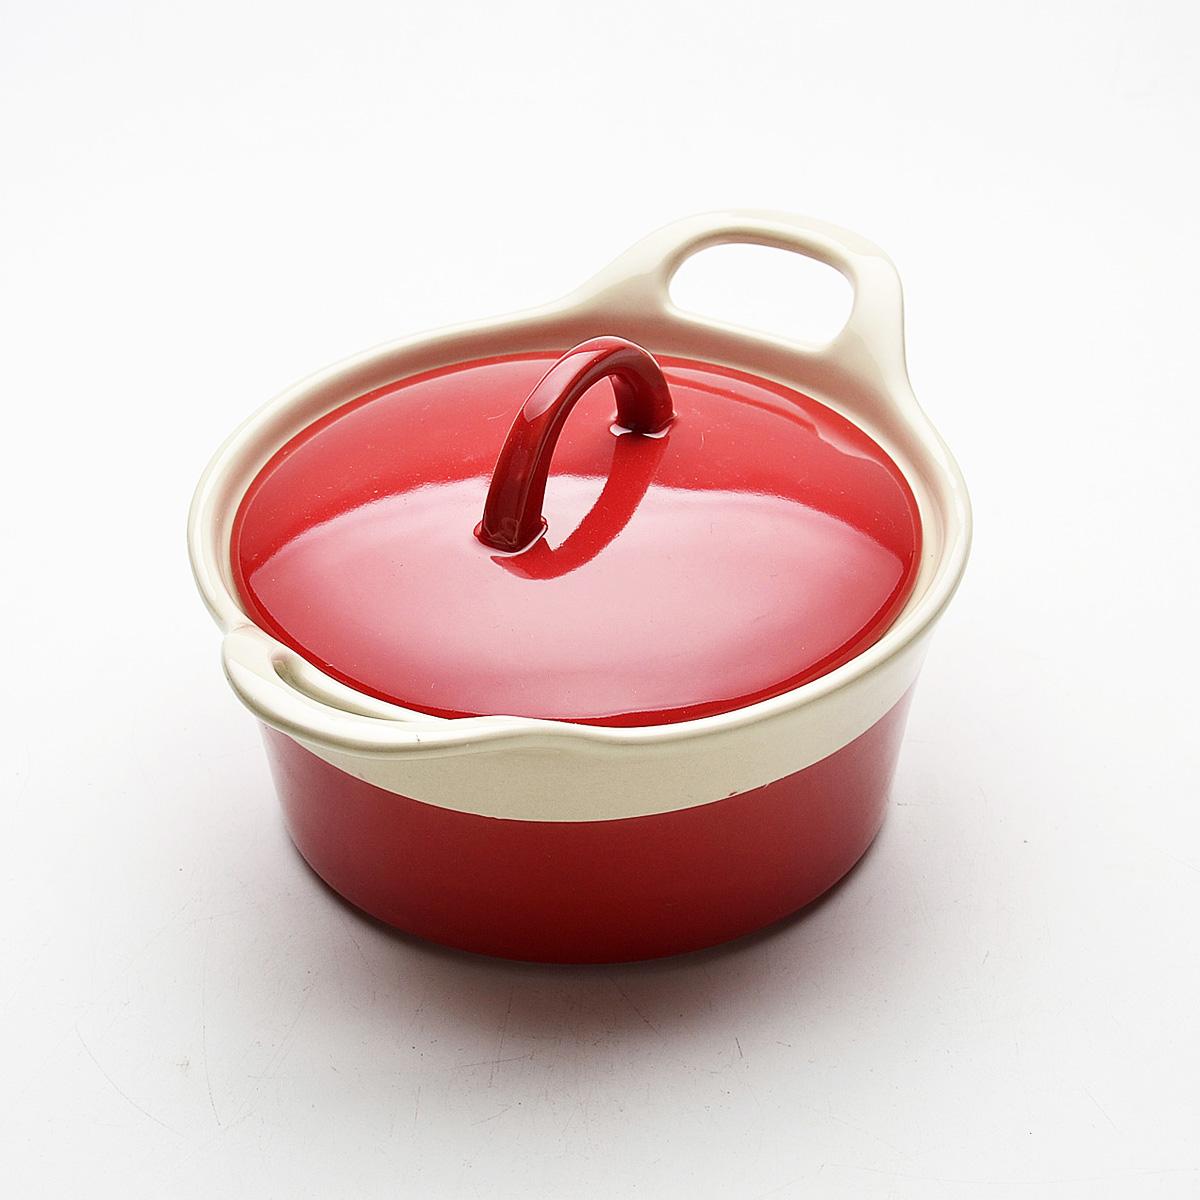 Жаровня Mayer & Boch с крышкой, цвет: красный, 680 мл21796Жаровня Mayer & Boch, изготовленная из жаропрочной керамики, подходит для любого вида пищи. Элегантный дизайн идеально подходит для современного дома. В комплект входит крышка из керамики. Глиняные ручки обеспечивают надежный захват. Изделия из керамики идеально подходят как для приготовления пищи, так и для подачи на стол. Материал не содержит свинца и кадмия. С такой жаровней вы всегда сможете порадовать своих близких оригинальным блюдом. Жаровню можно использовать на газовой, электрической плите, в духовом шкафу и в микроволновой печи, замораживать в холодильнике. Можно мыть в посудомоечной машине.